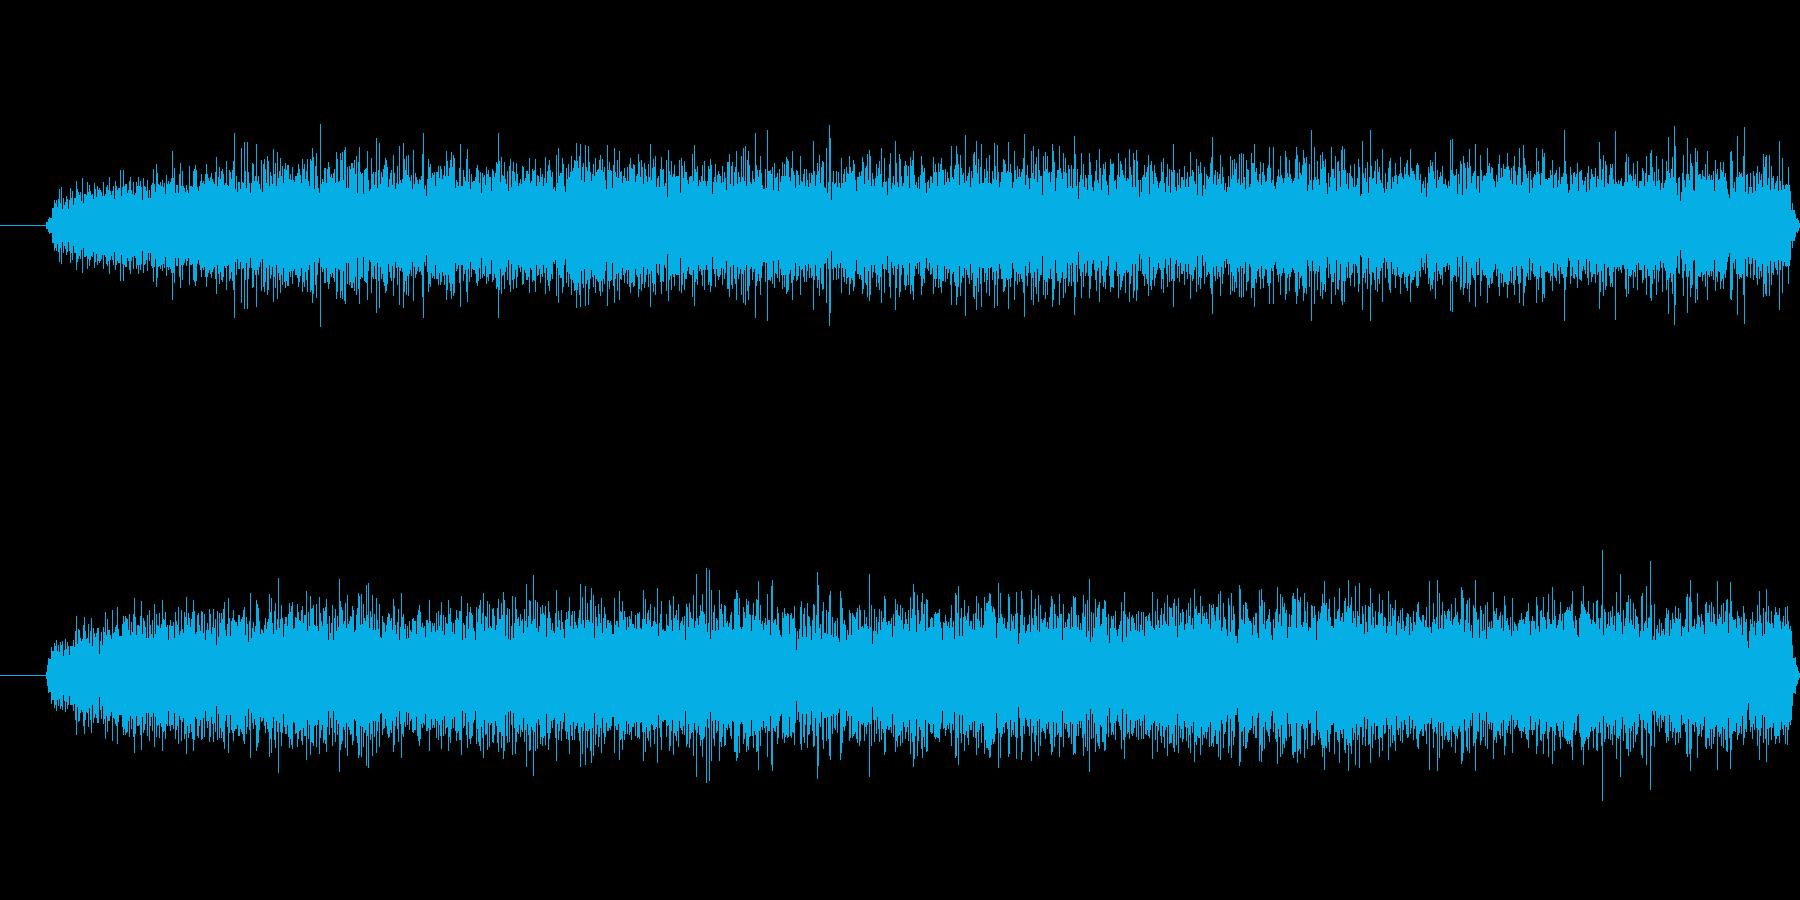 豪雨や激しい流れの川の音の再生済みの波形